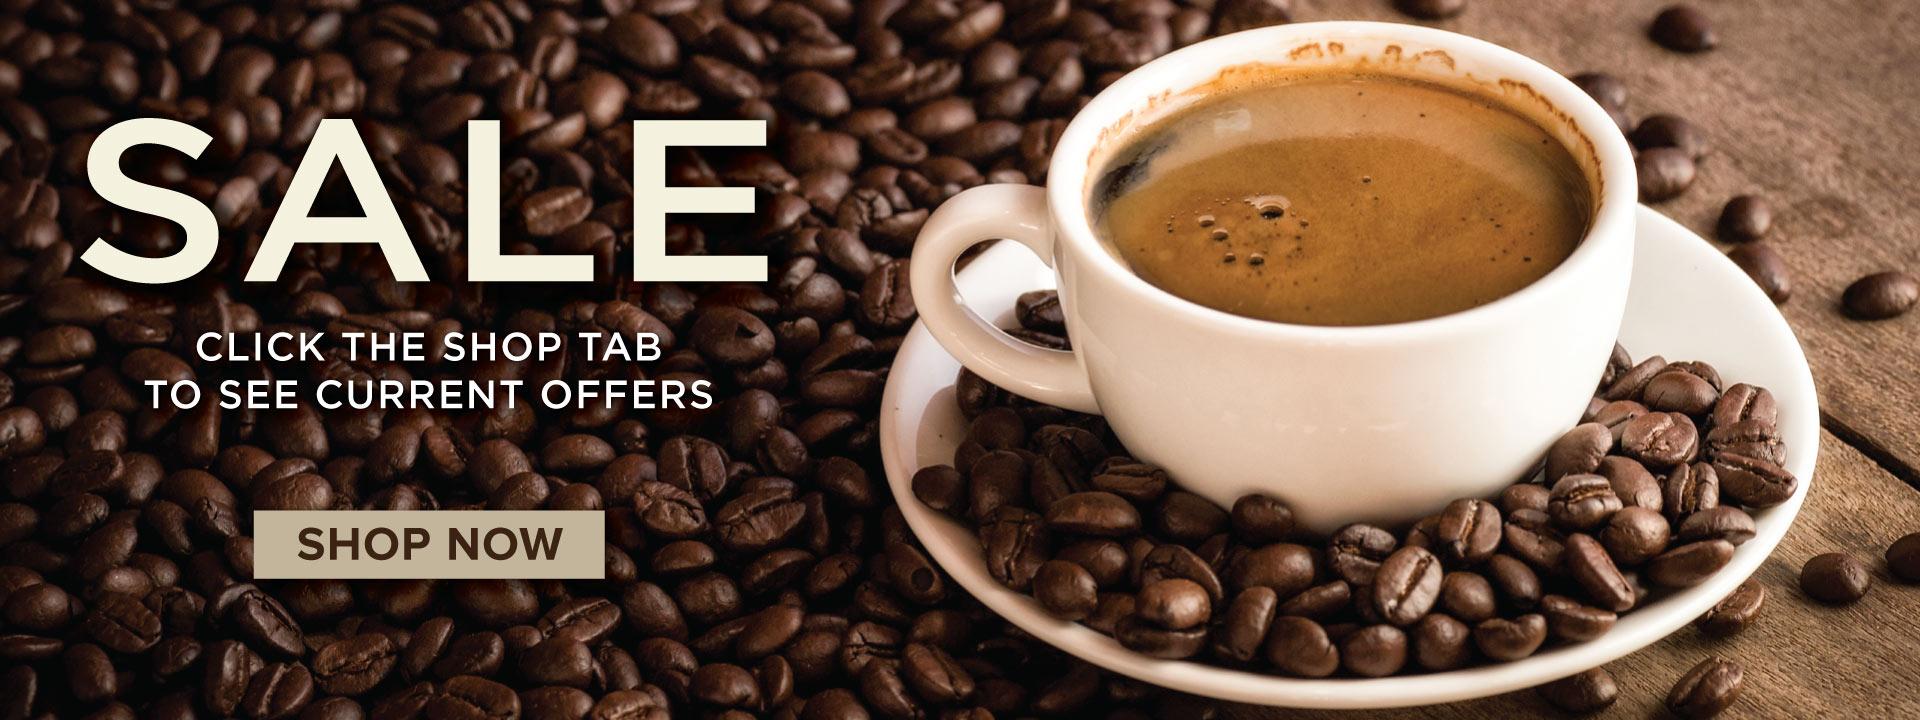 sale-coffee